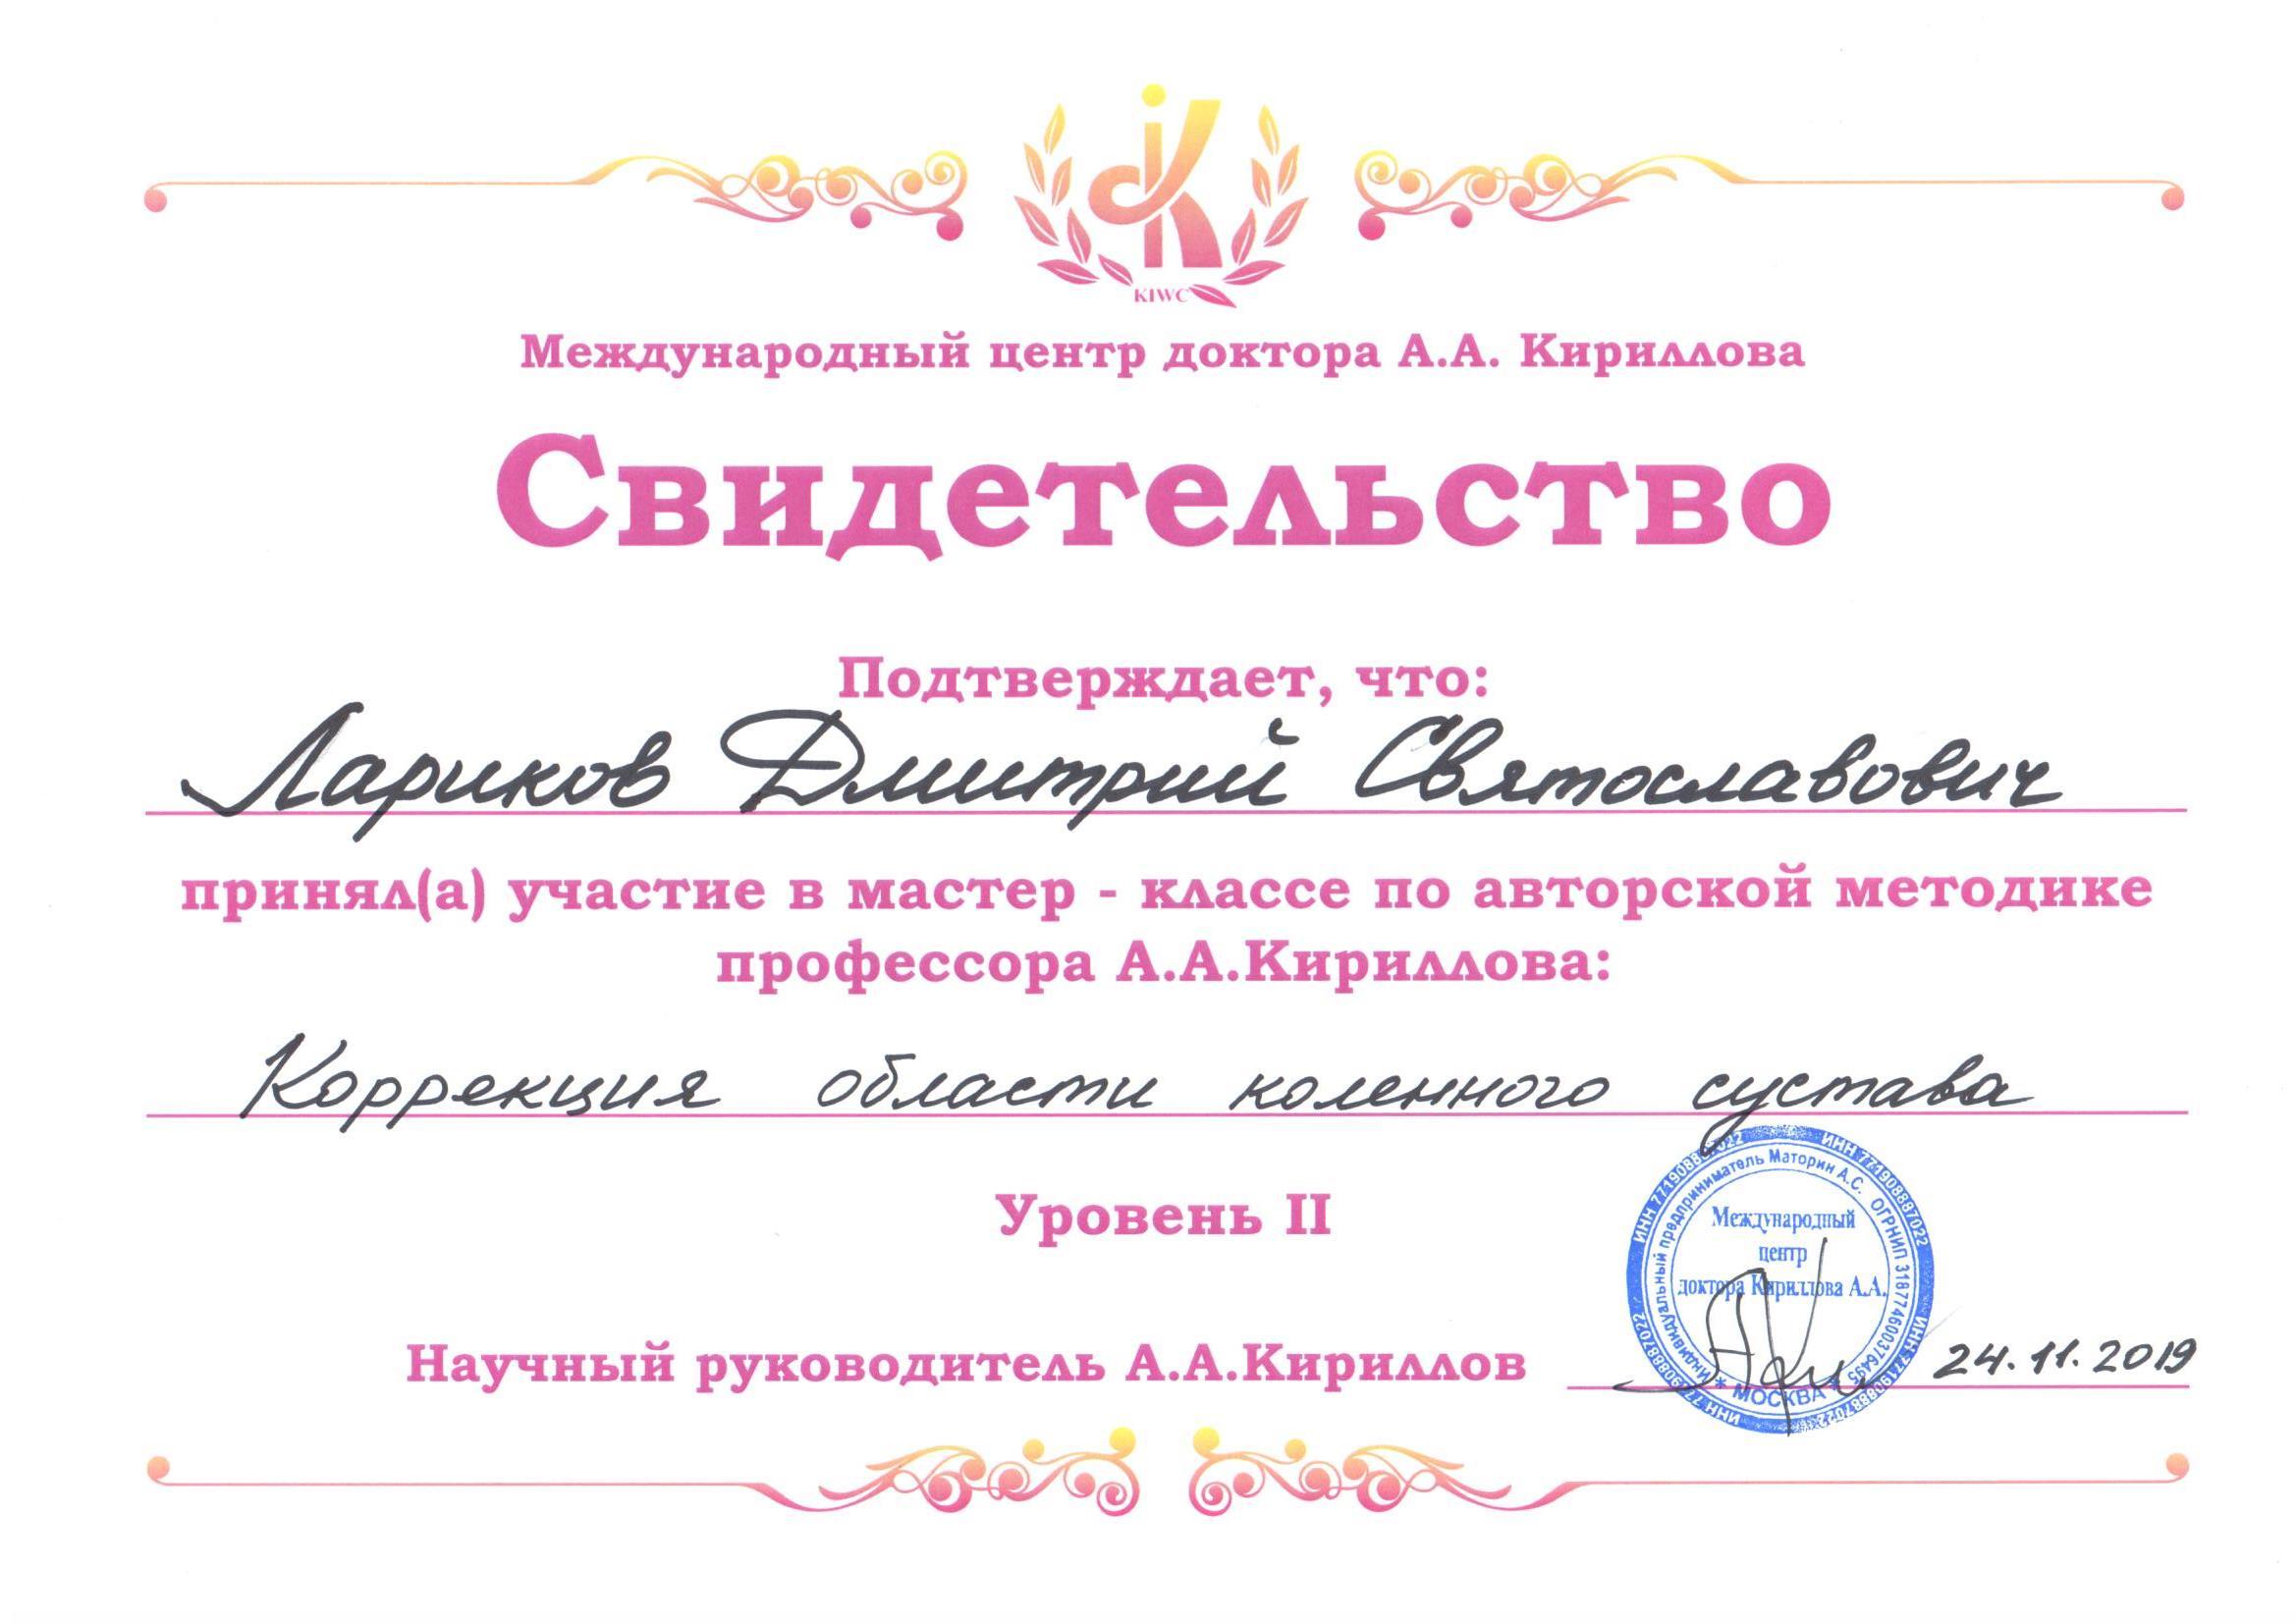 Кириллов Коленный 2 11-2019